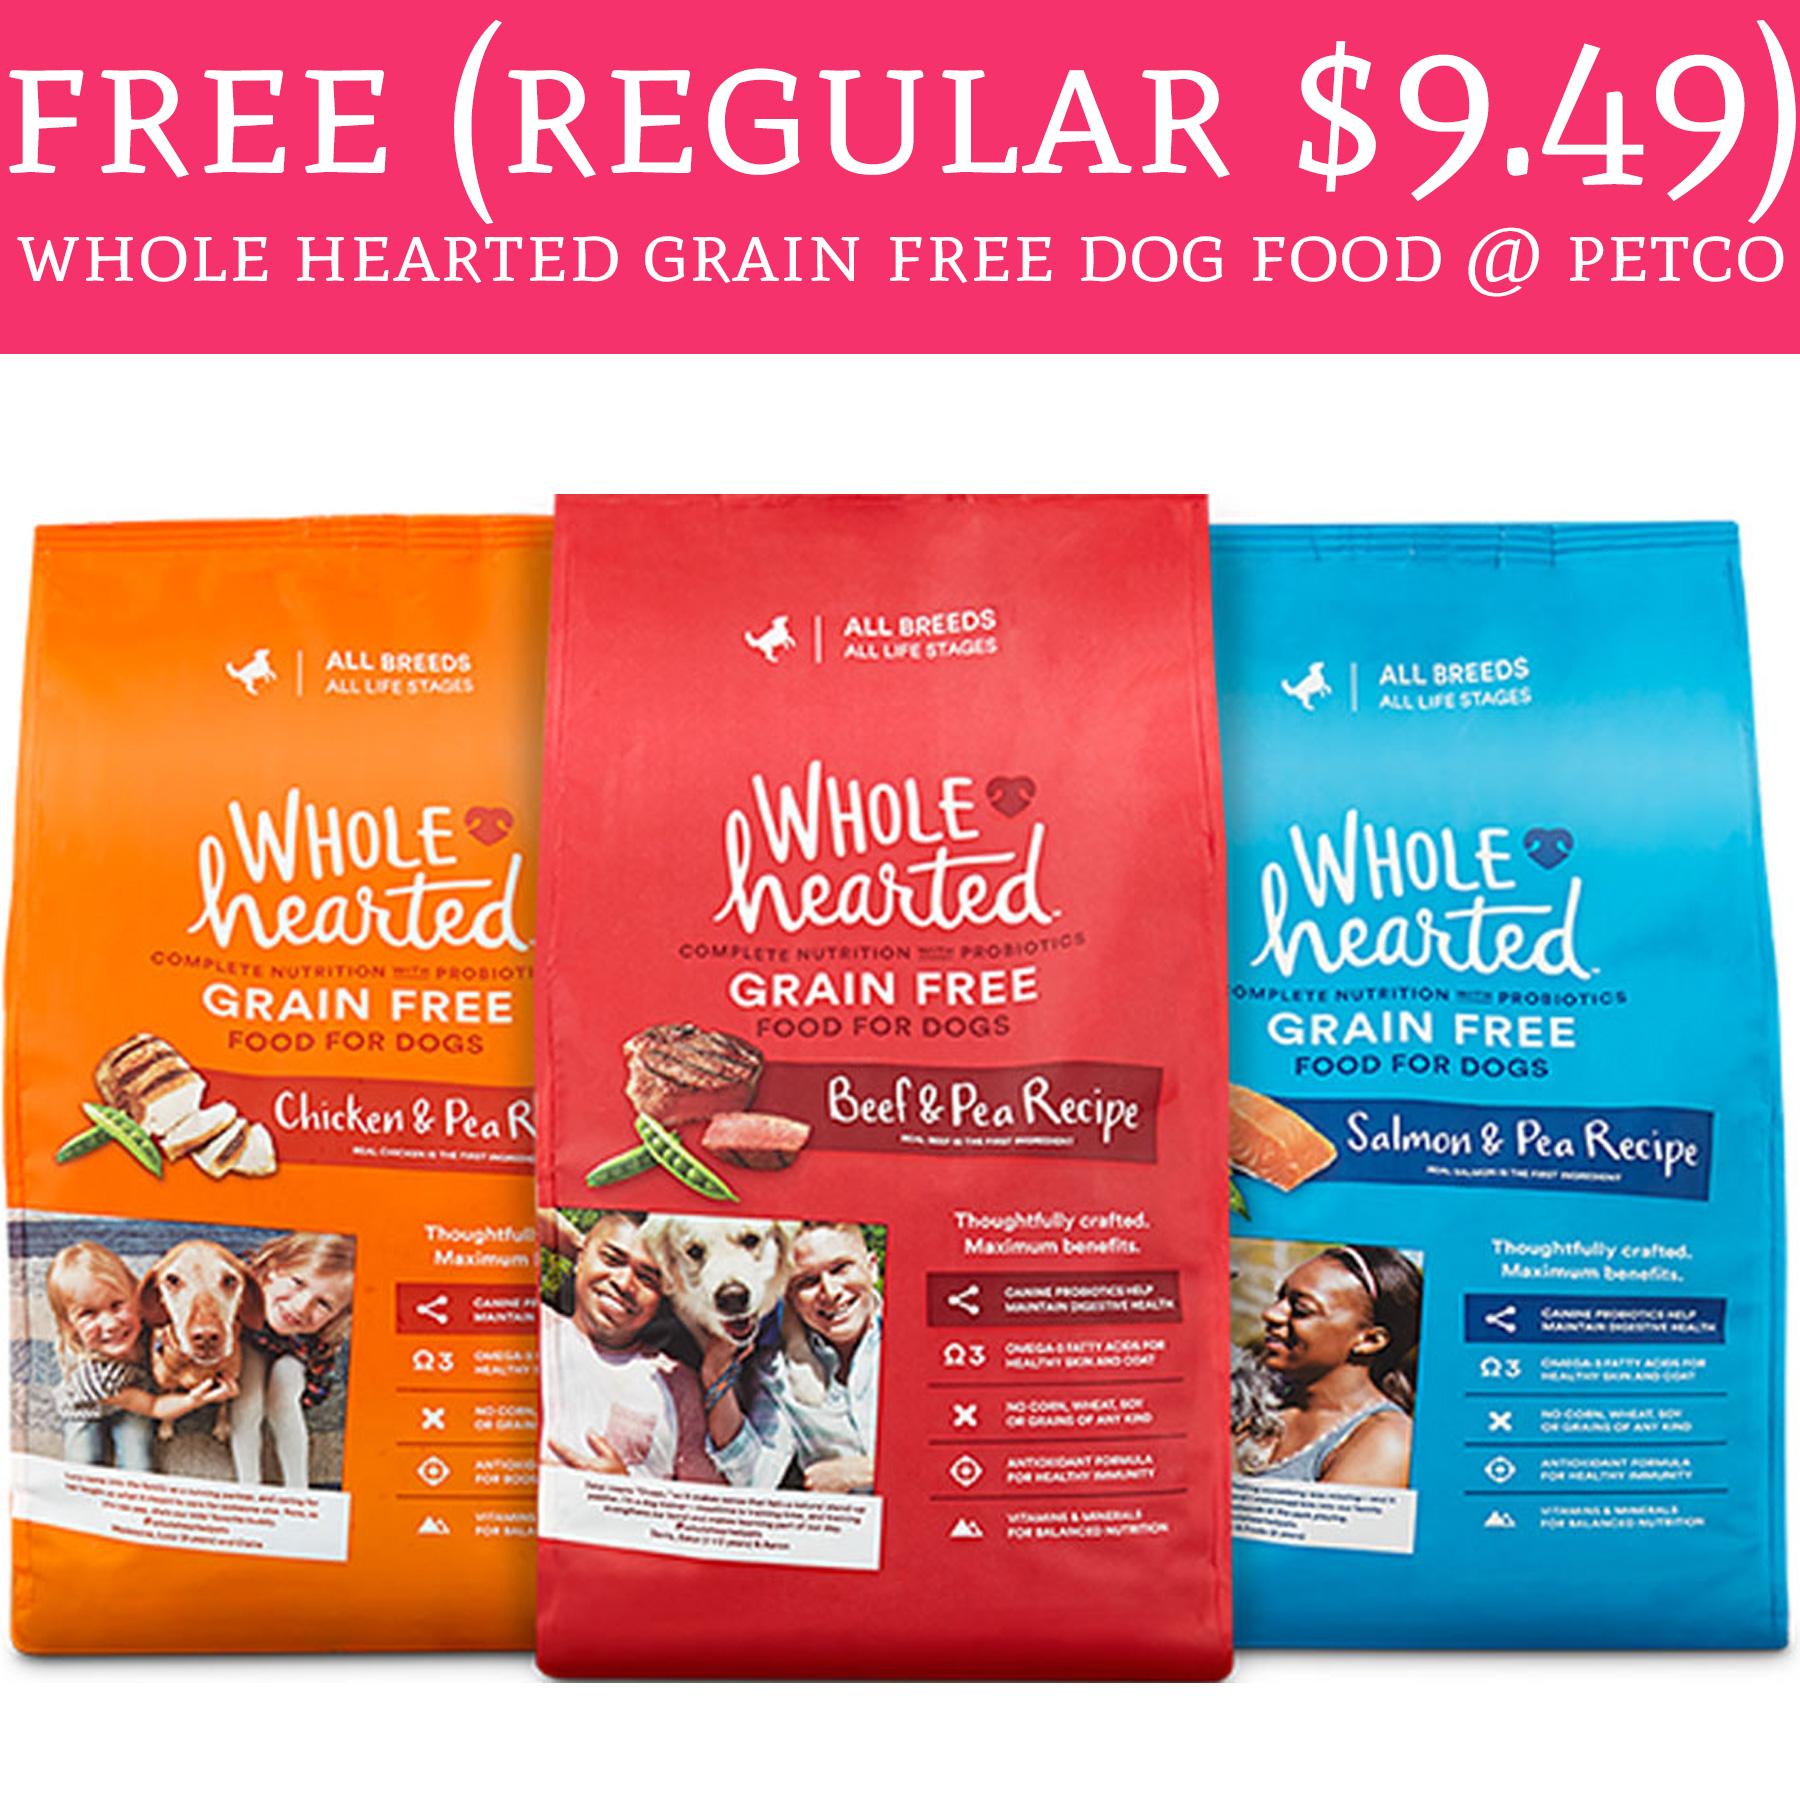 Freeeee Regular 9 49 Whole Hearted Grain Free Dog Food